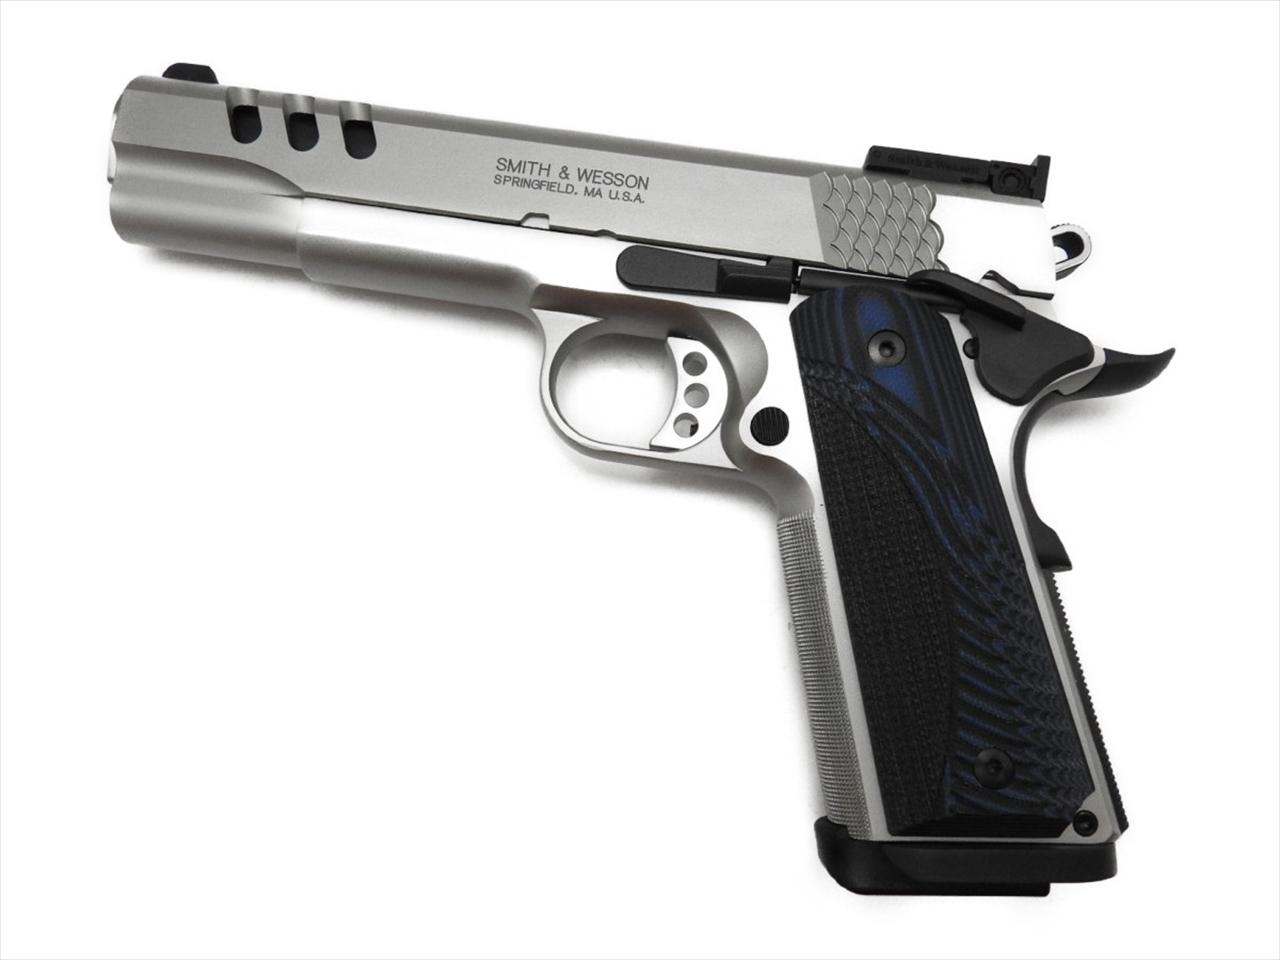 【エントリー全会員P10倍】 BWC 発火 モデルガン S&W SW1911 PC シルバー Performance Center 45ACP 銃 新品